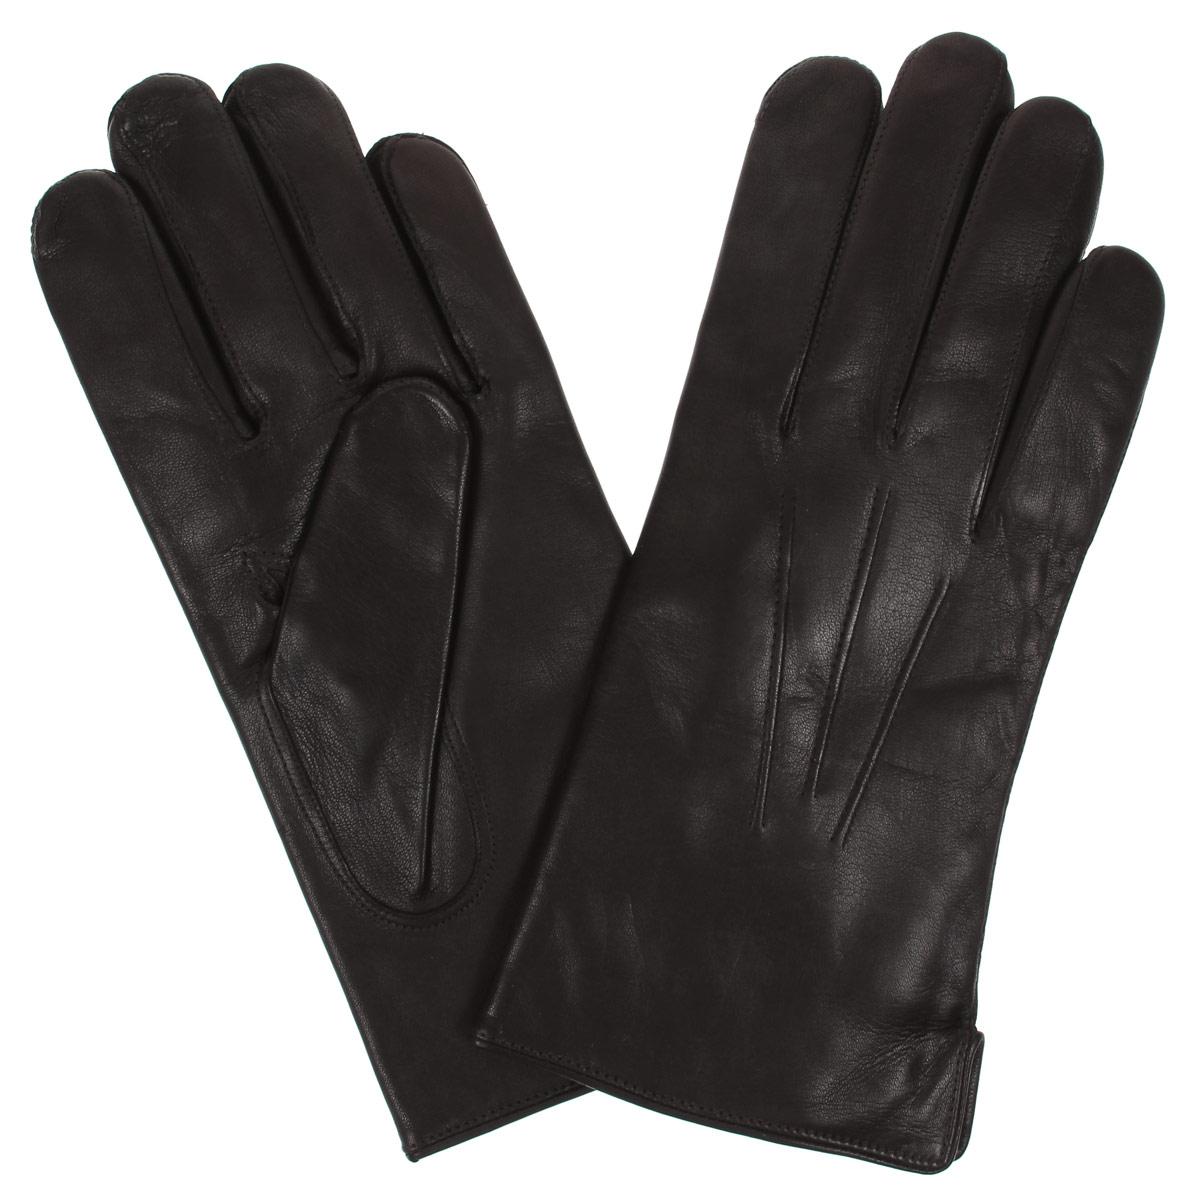 ПерчаткиDM12-234Классические мужские перчатки Bartoc не только защитят ваши руки, но и станут великолепным украшением. Они выполнены из мягкой и приятной на ощупь натуральной кожи ягненка, а их подкладка - из натуральной шерсти. На внешнем боку перчатки имеется небольшой разрез. Модель на лицевой стороне оформлена декоративной отстрочкой три луча. Перчатки прекрасно дополнят образ любого мужчины и сделают его более стильным, придав тонкую нотку брутальности. Создайте элегантный образ и подчеркните свою яркую индивидуальность новым аксессуаром!